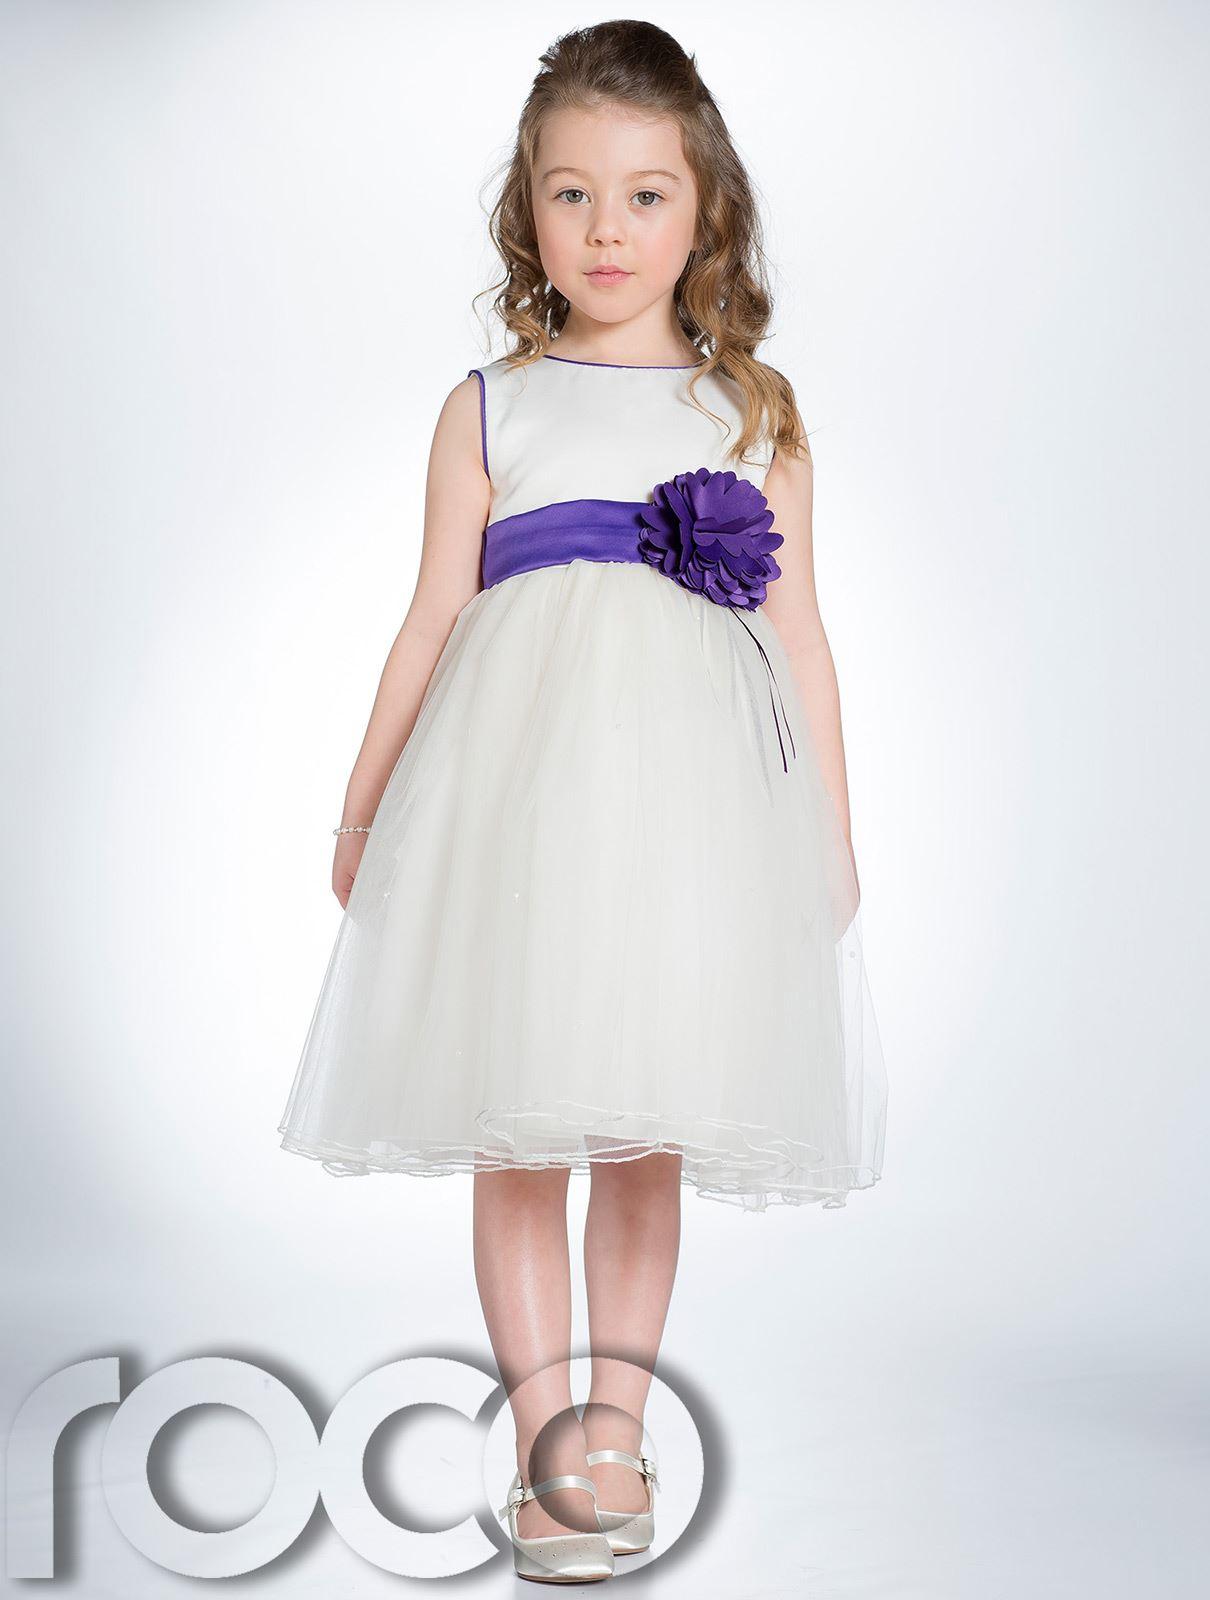 Girls Ivory Dress, Flower Girl Dresses, Party Dresses ...